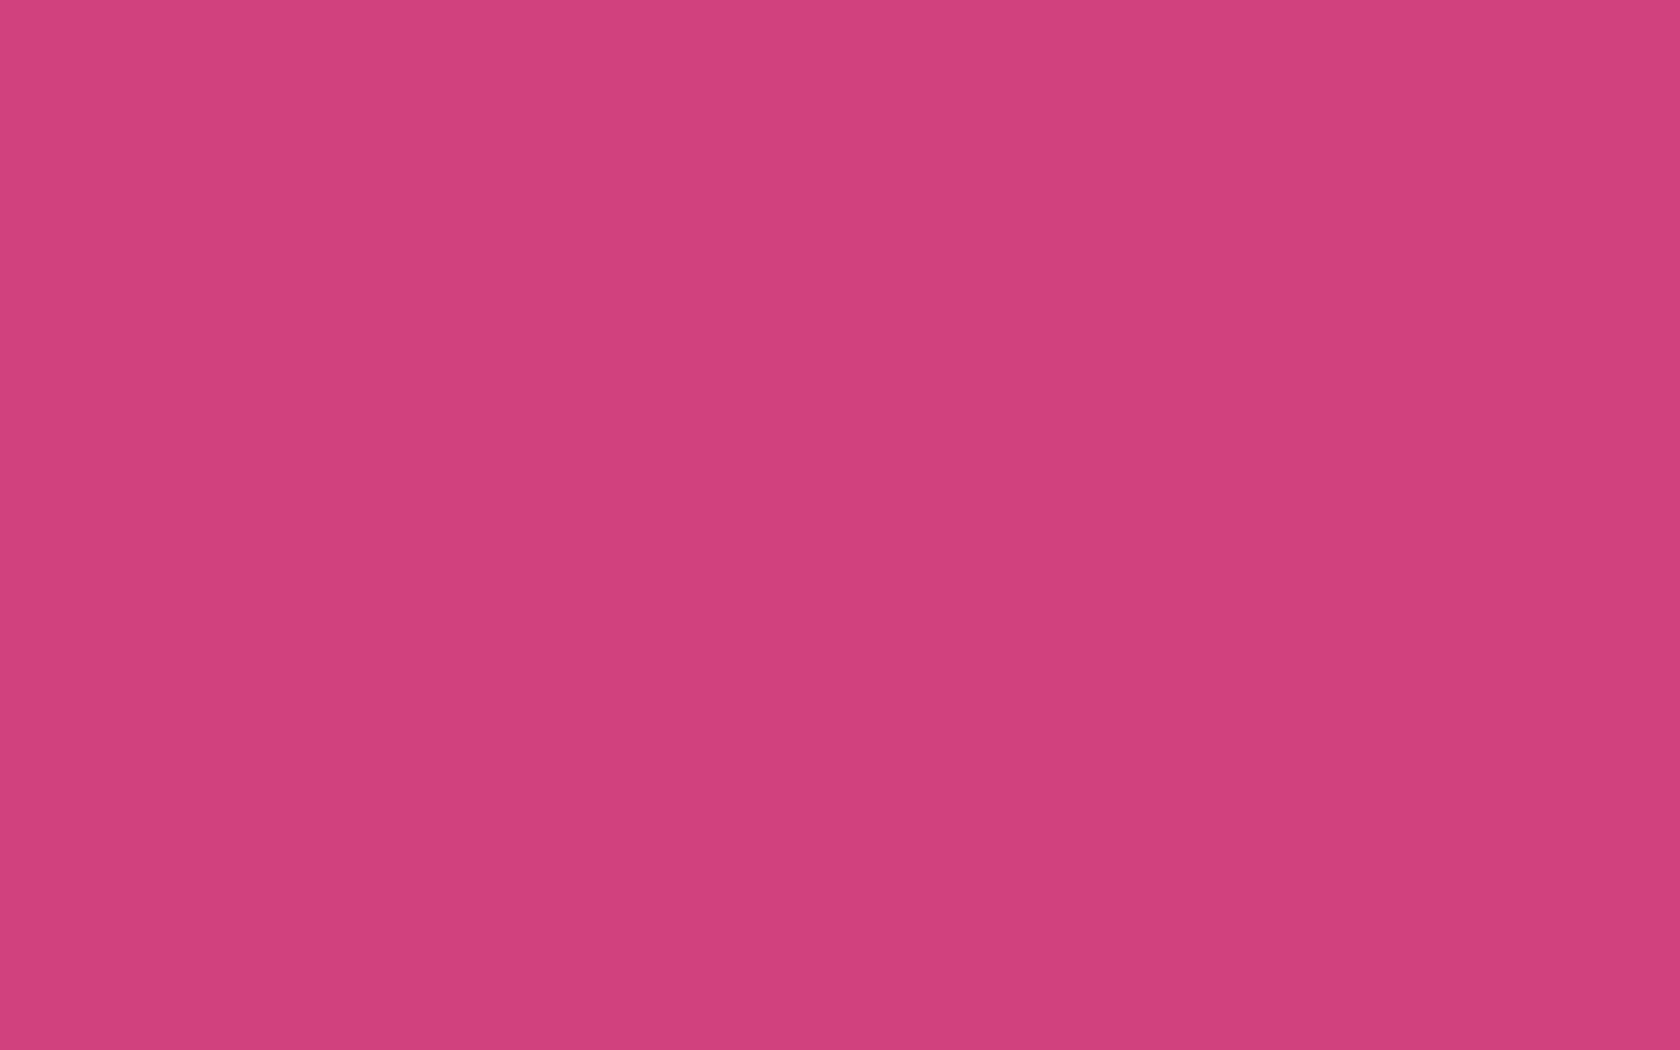 1680x1050 Magenta Pantone Solid Color Background